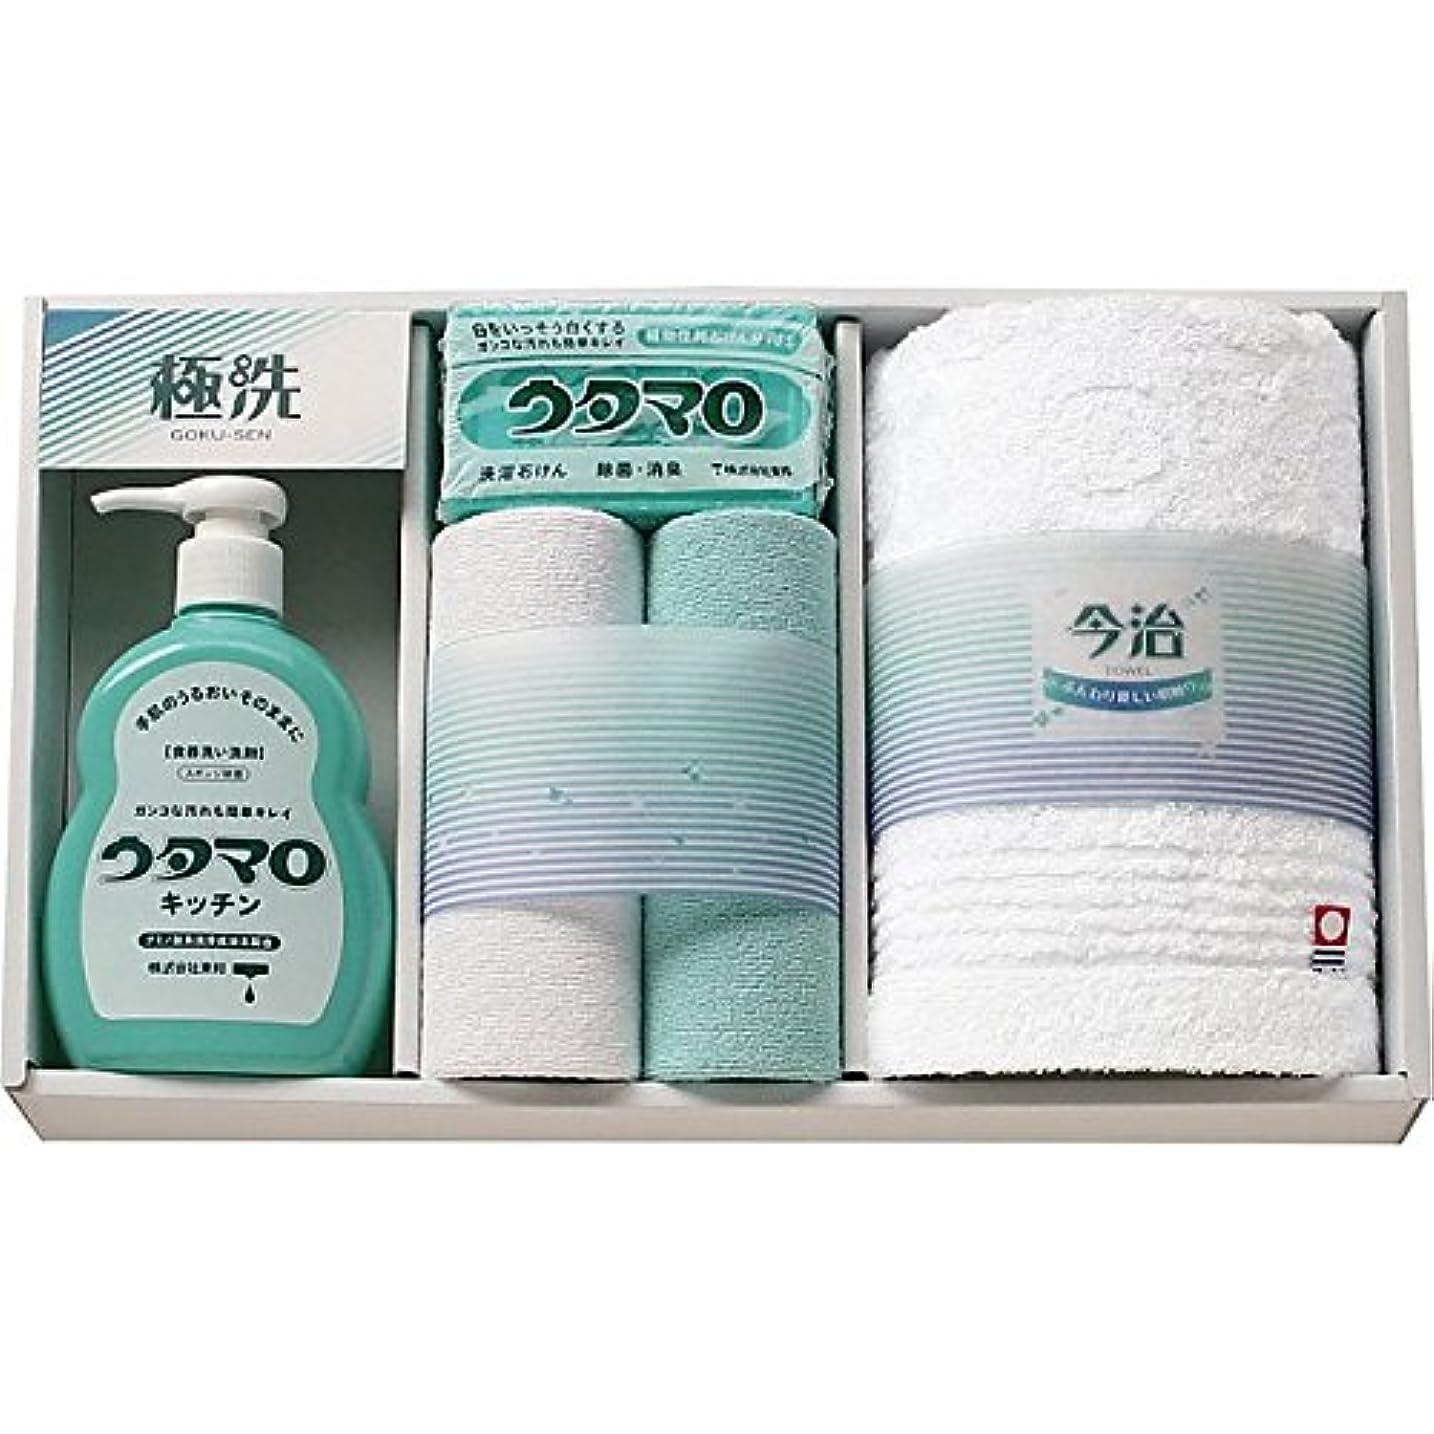 報いる議論する徴収( ウタマロ ) 石鹸?キッチン洗剤ギフト ( 835-1055r )